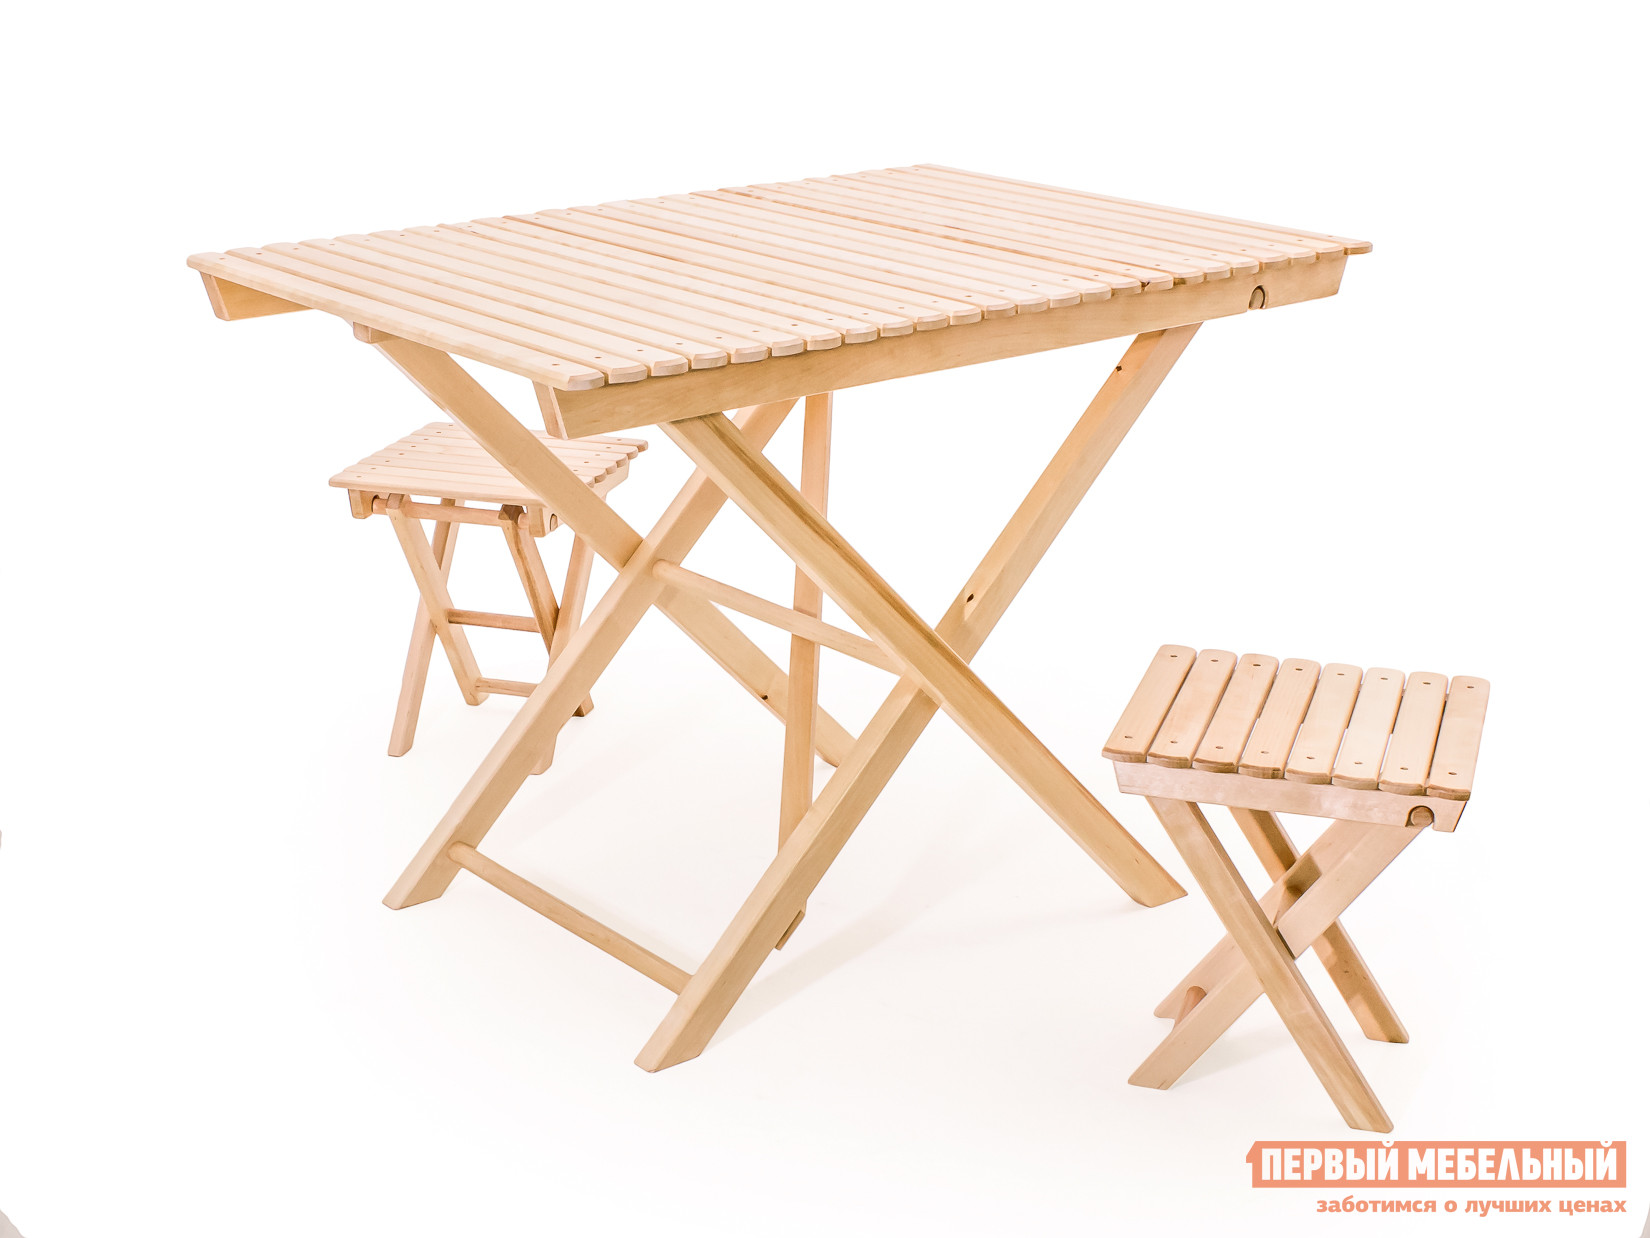 Комплект садовой мебели СМКА СМ004Б+СМ018Б 2 шт БерезаКомплекты садовой мебели<br>Габаритные размеры ВхШхГ xx мм. Комплект садовой мебели Альпарис — это комфорт, компактность и долговечность.  Если у вас ограниченное пространство или вы хотите приобрести максимально мобильный набор мебели, то это — идеальное решение. Гарнитур состоит из трех предметов мебели, которые поставляются в собранном виде, что позволяет начать их эксплуатацию сразу после доставки. Стол имеет следующие габаритные размеры (ВхШхГ): 750 х 1030 х 670 мм, а каждый табурет (ВхШхГ): 380 х 380 х 380 мм.  Мебель изготавливается из массива березы и покрывается специальным лаком-грунтовкой.  Такое покрытие защищает изделия от воздействий окружающей среды и загрязнений.<br><br>Цвет: Светлое дерево<br>Кол-во упаковок: 3<br>Форма поставки: В собранном виде<br>Срок гарантии: 1 год<br>Тип: С обеденным столом<br>Материал: Массив дерева<br>Порода дерева: Береза<br>Вместимость: На 2 персоны